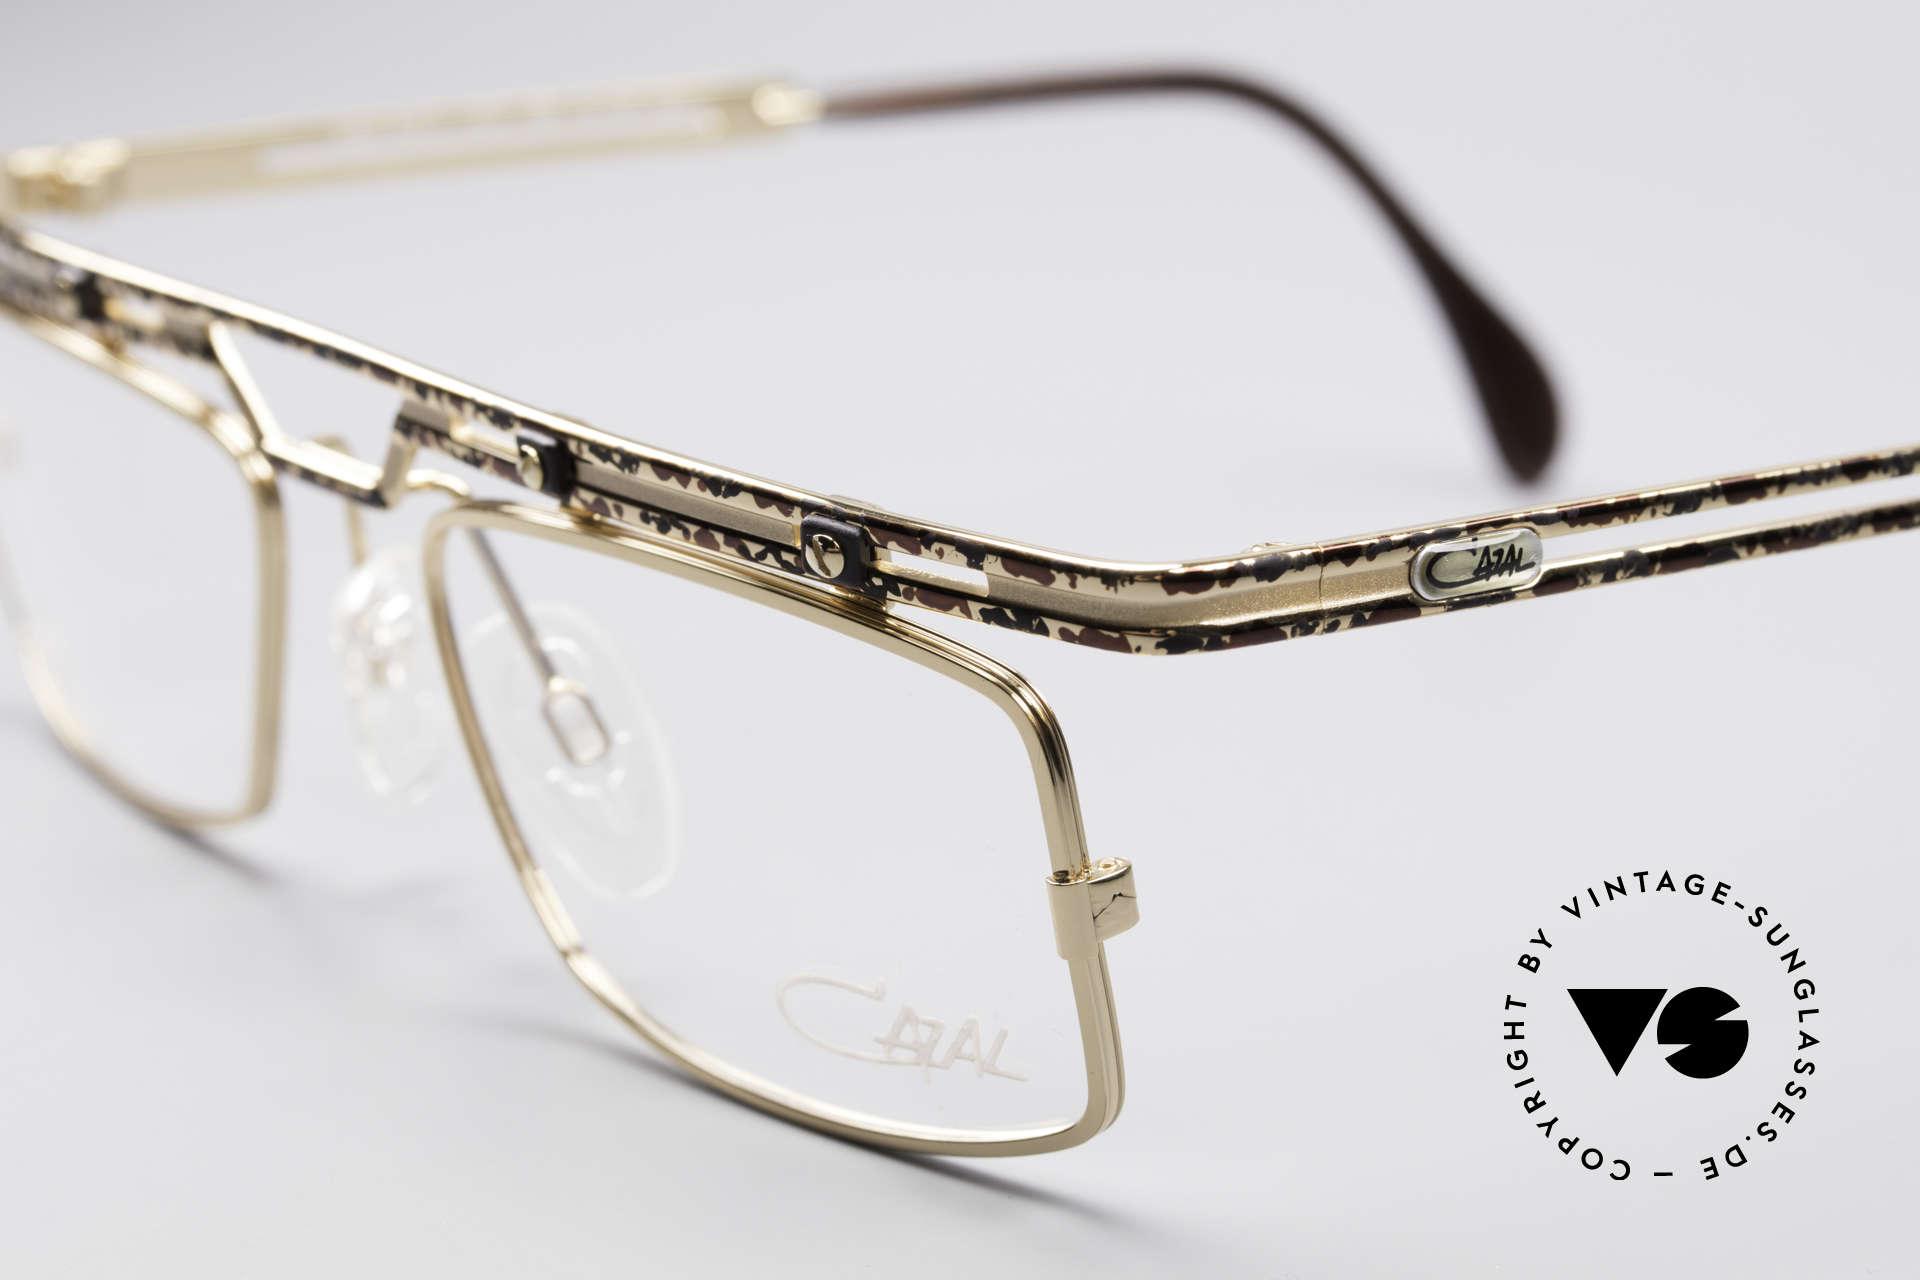 Cazal 975 Echt Vintage No Retro Brille, echte Top-Qualität; wirklich noch 'made in Germany', Passend für Herren